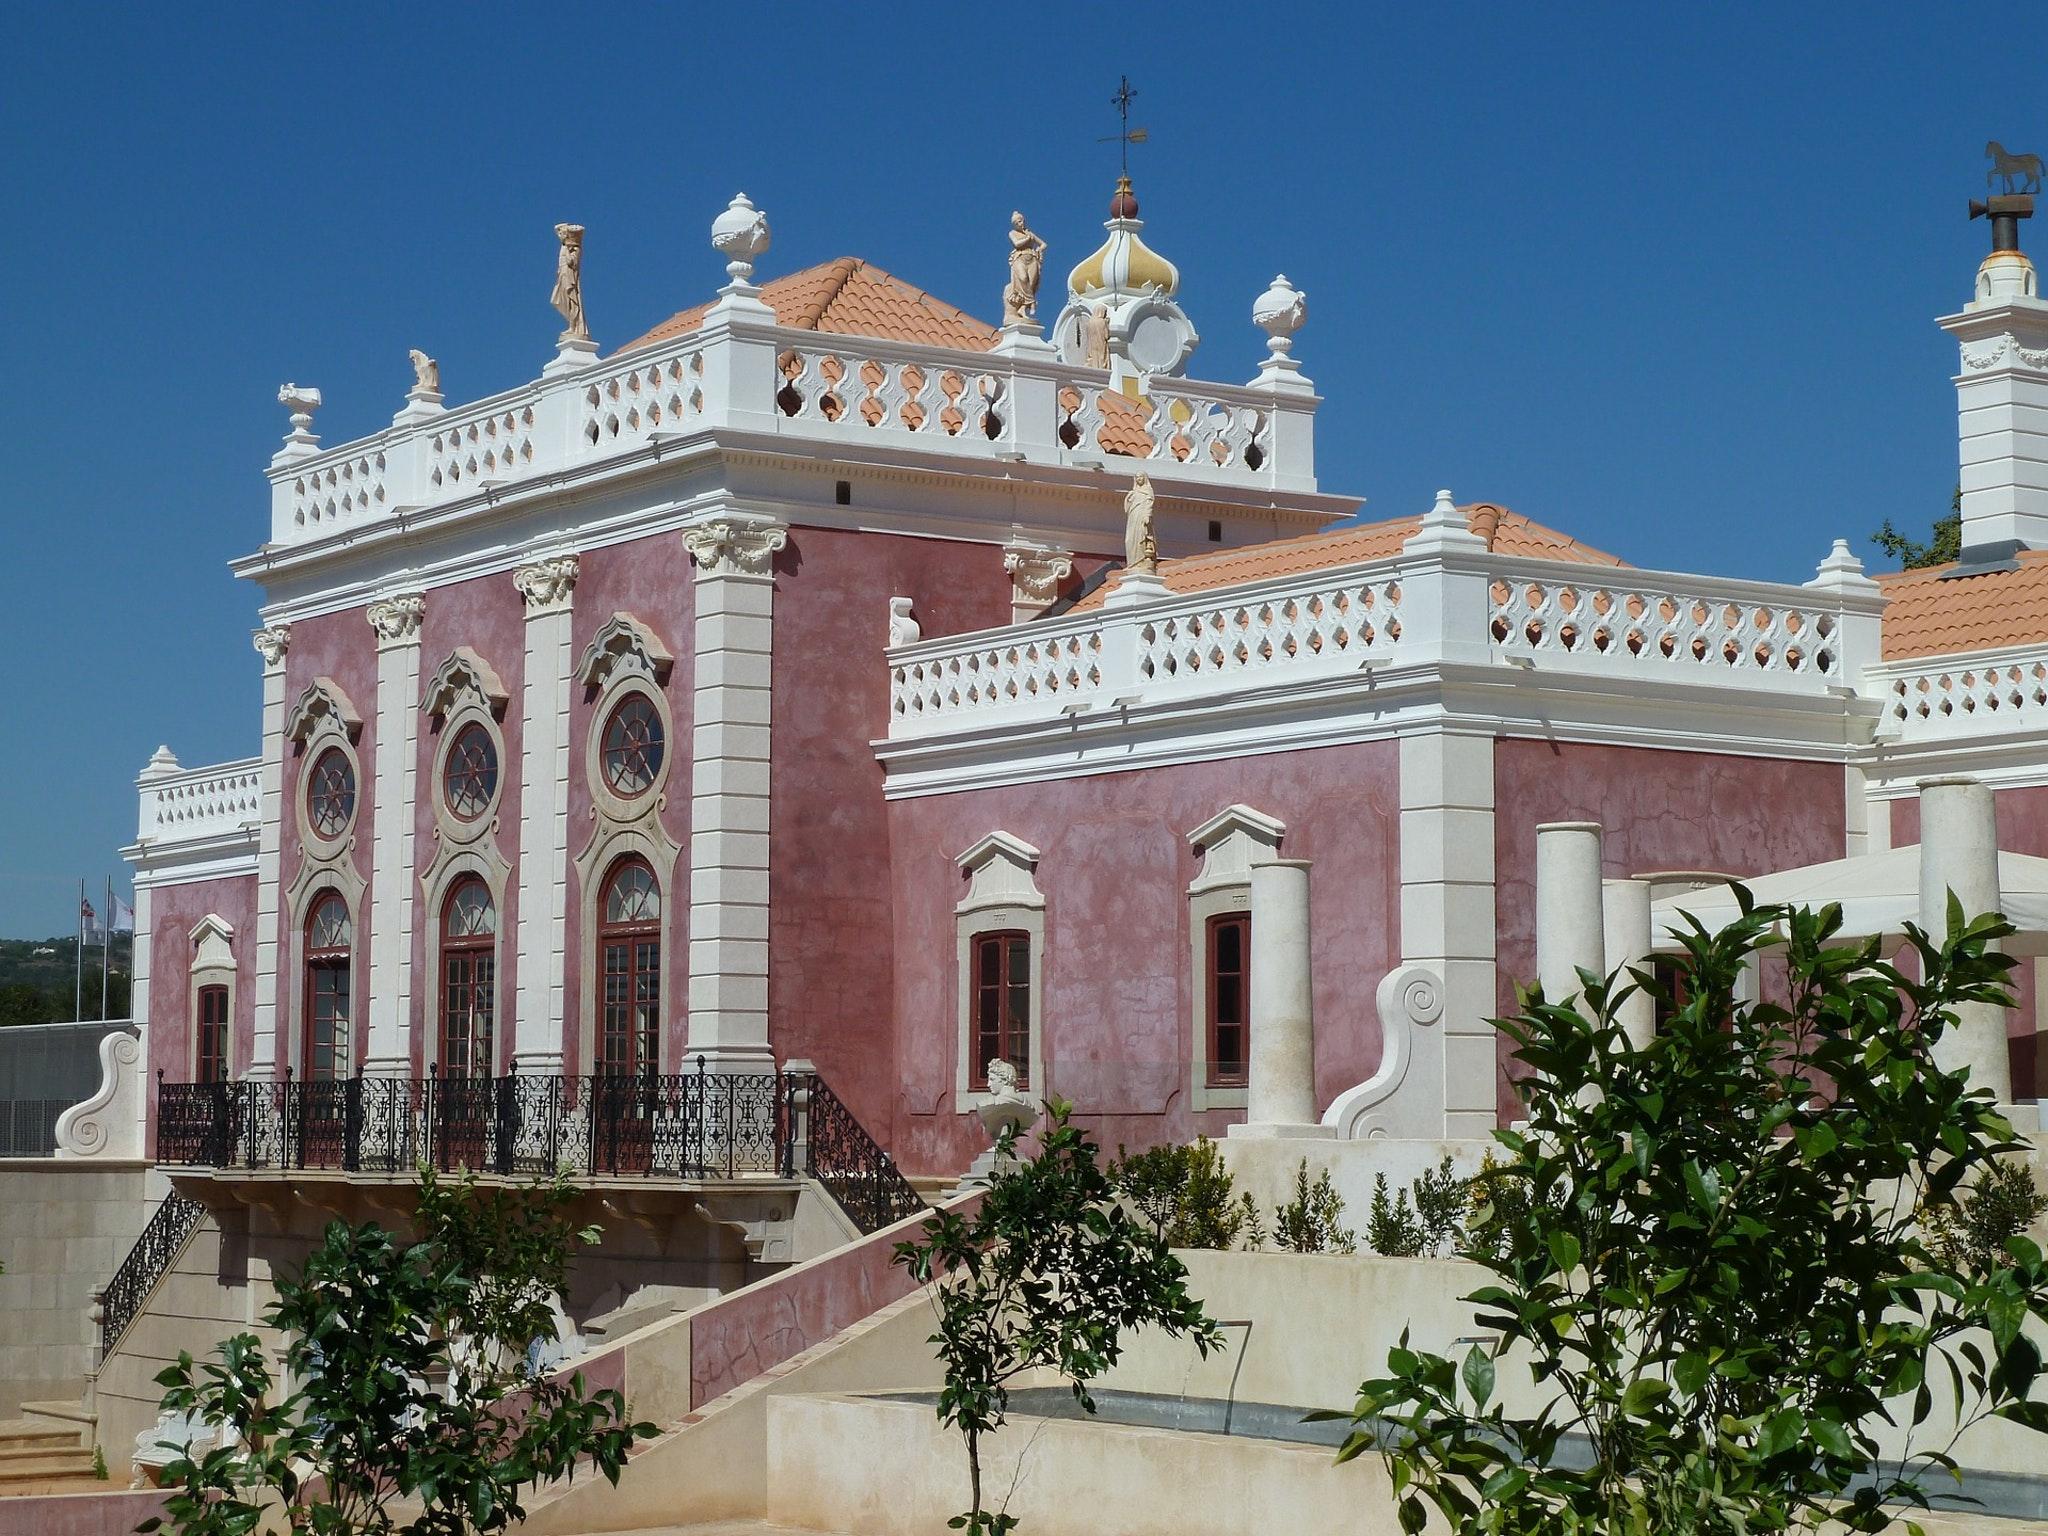 Ferienhaus Haus mit 3 Schlafzimmern in Luz (Luz de Tavira) mit eingezäuntem Garten - 2 km vom Strand  (2426449), Luz, Ria Formosa, Algarve, Portugal, Bild 26